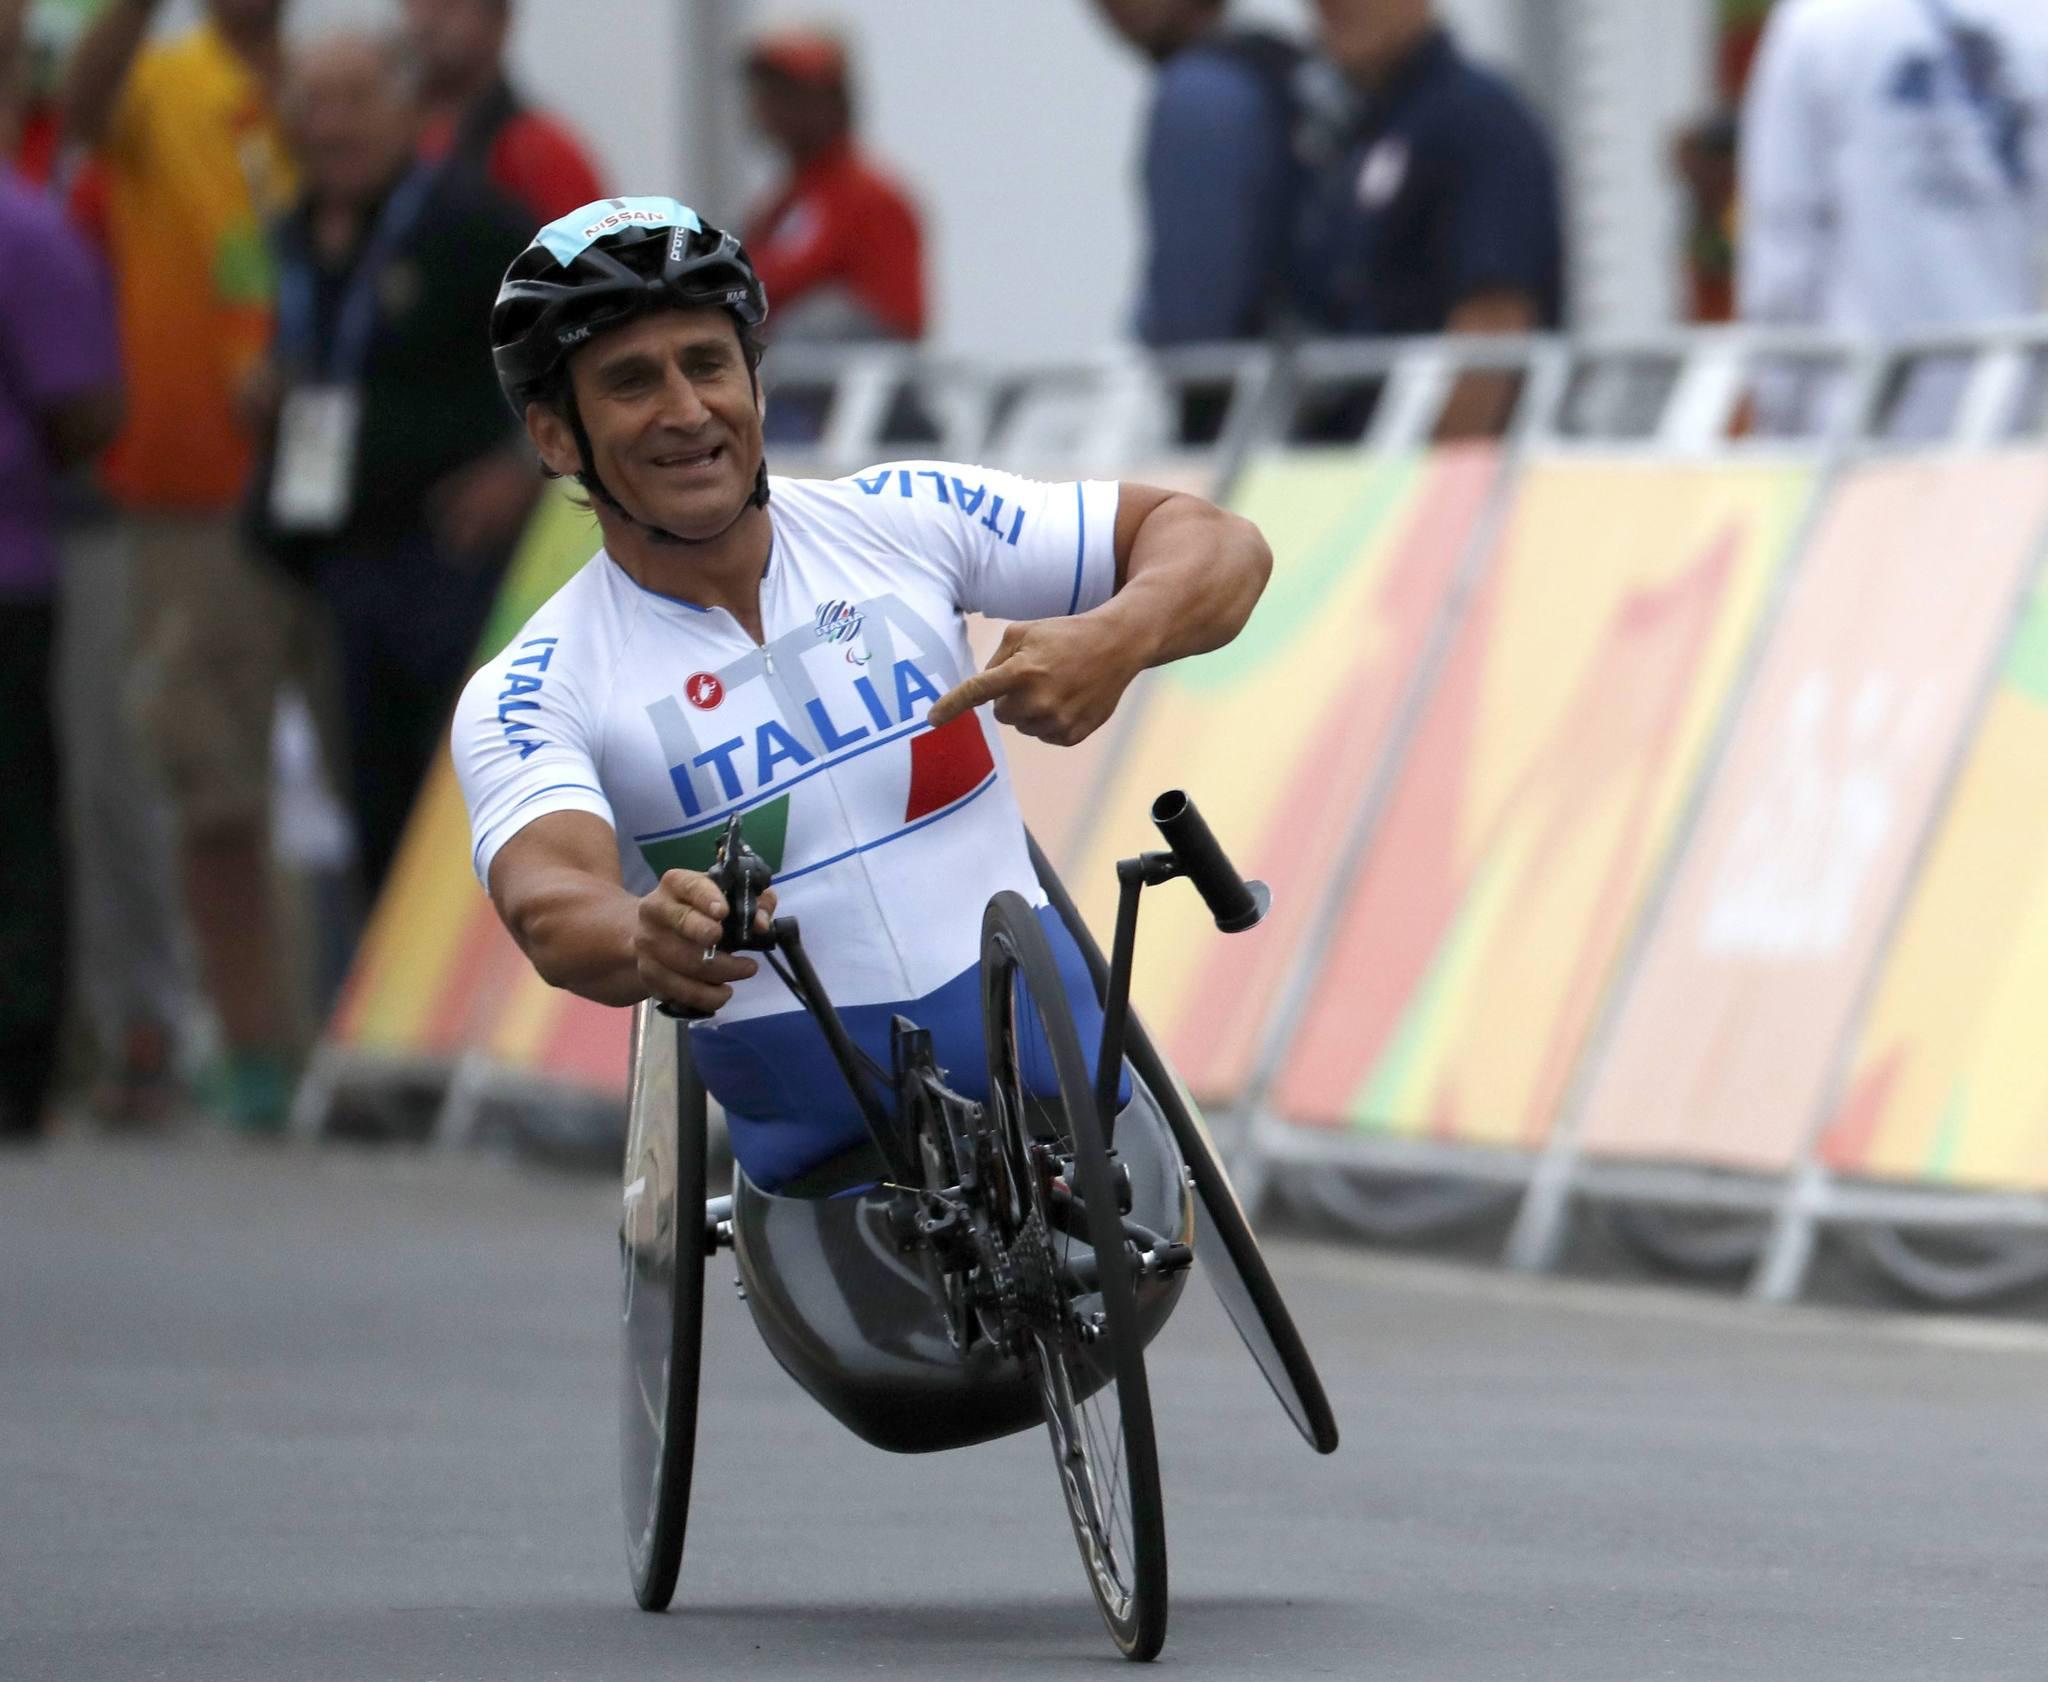 Zanardi, compitiendo en los Juegos Paralímpicos de Rio